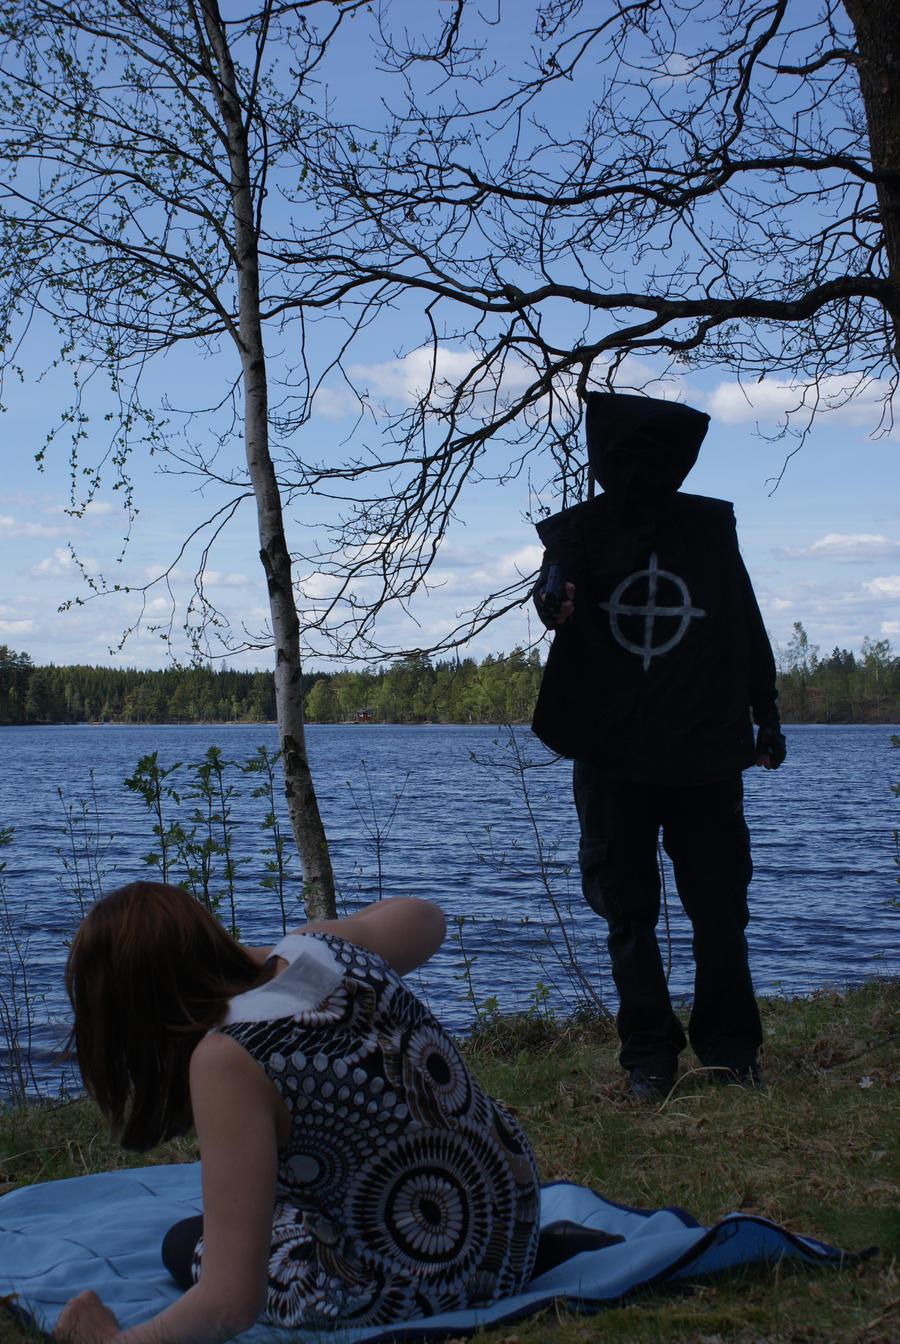 Zodiac Movie Lake Scene The Zodiac Killer by v...